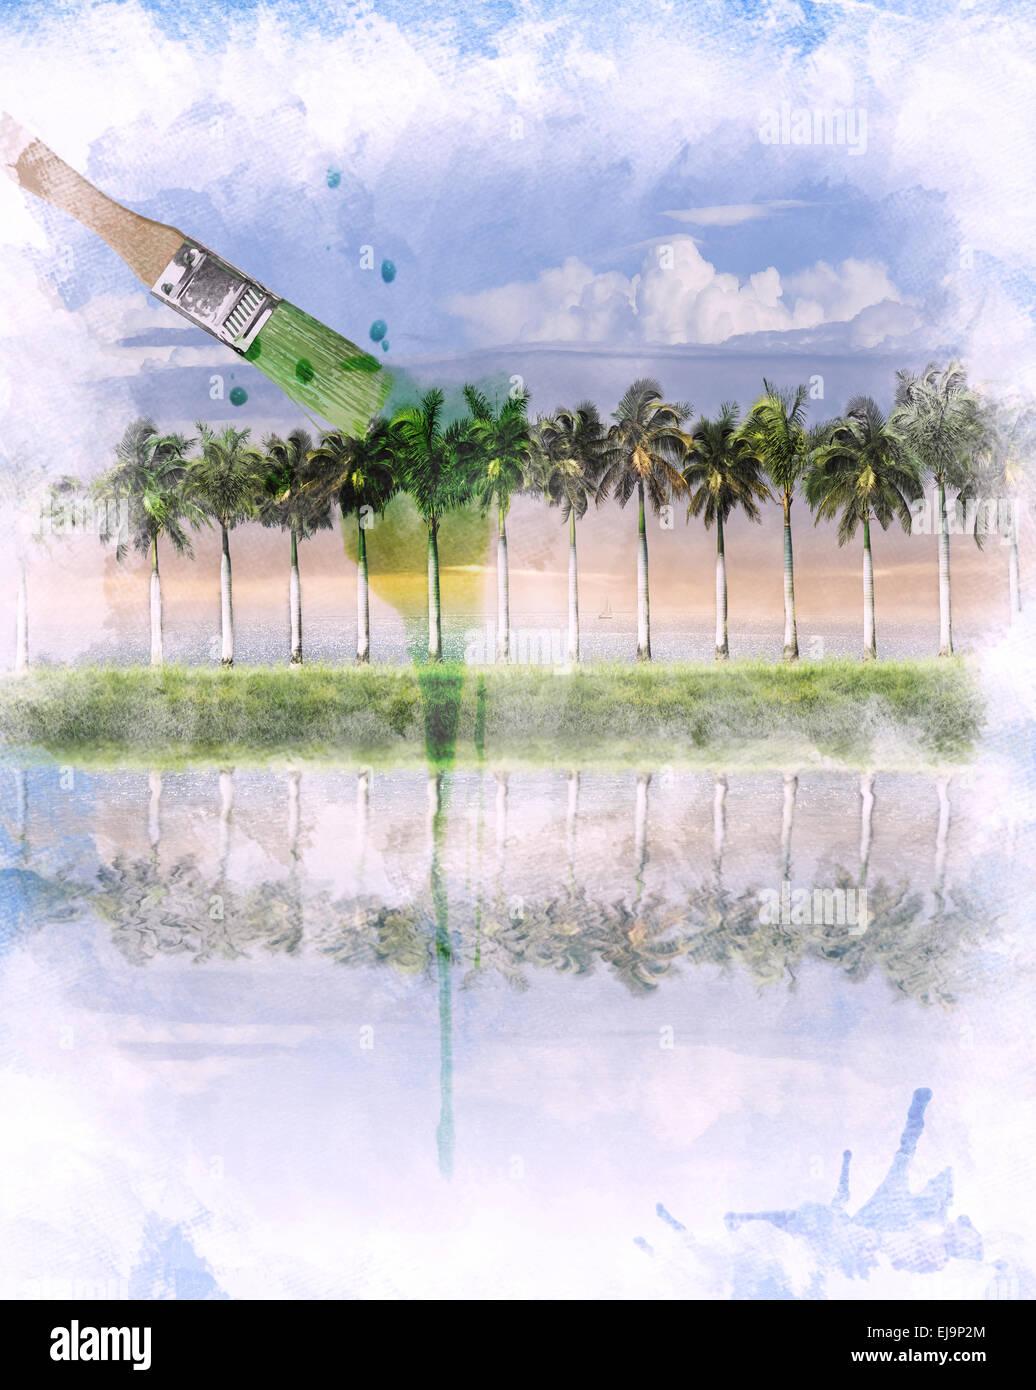 Immagine ad acquerello del paesaggio Immagini Stock